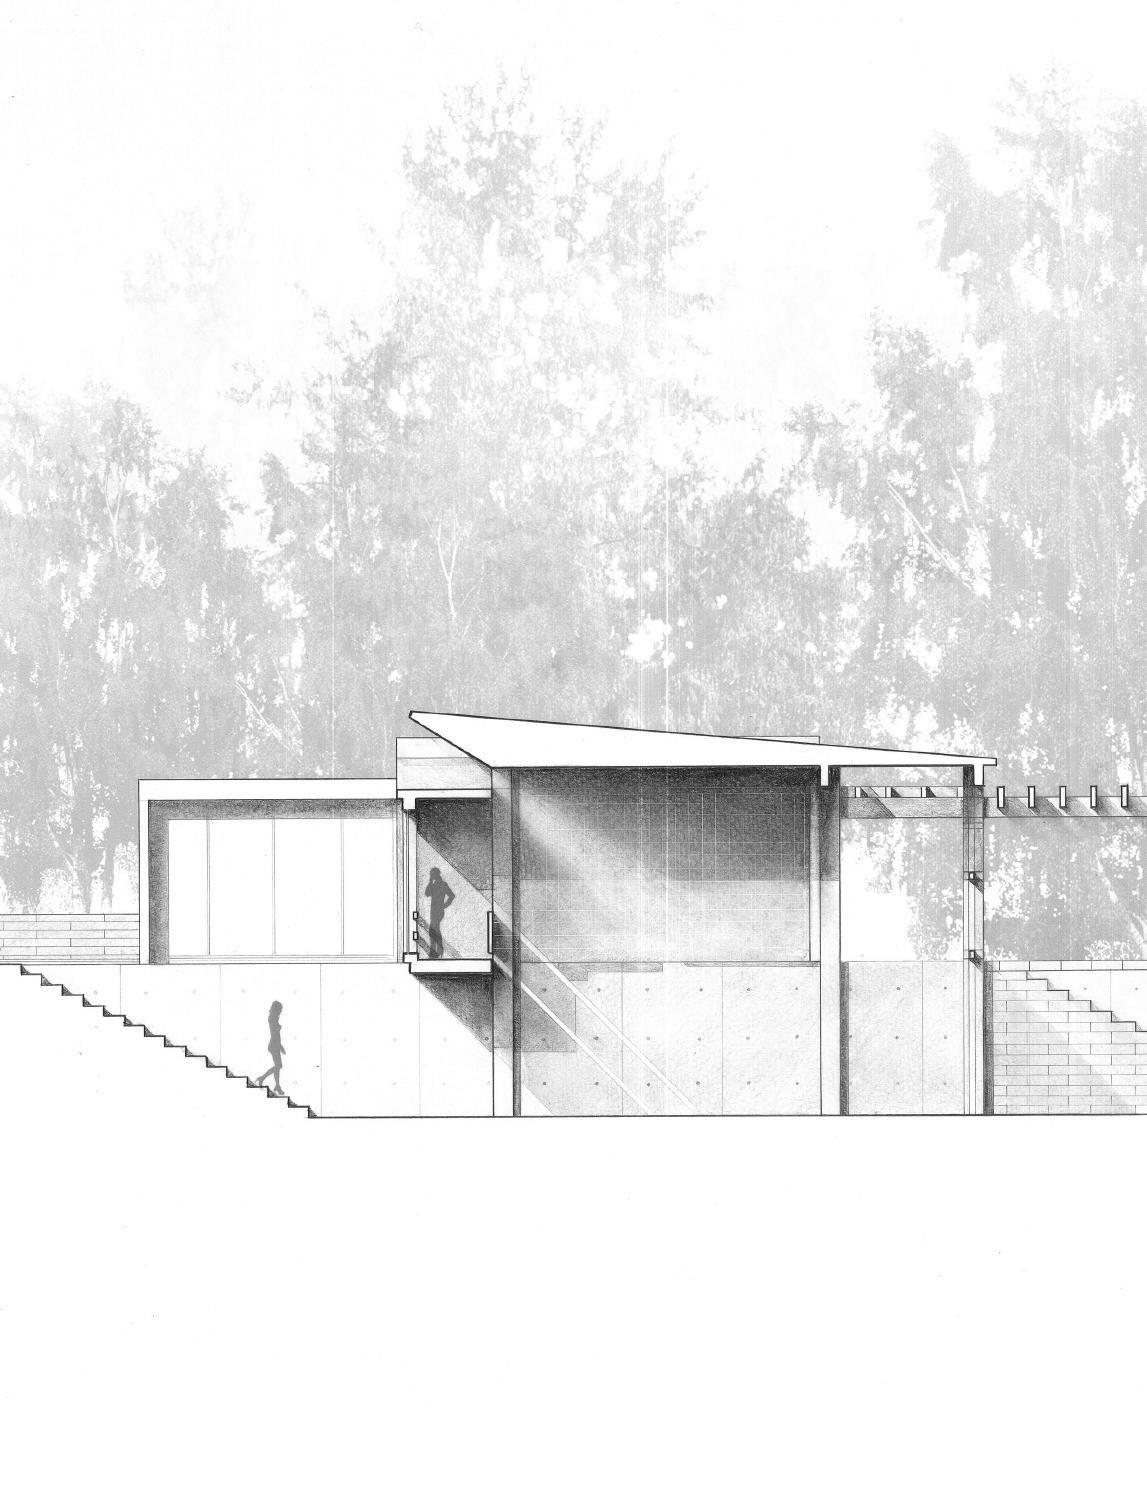 Architektur Ansicht pin łukasz rząd auf architecture visualisierung